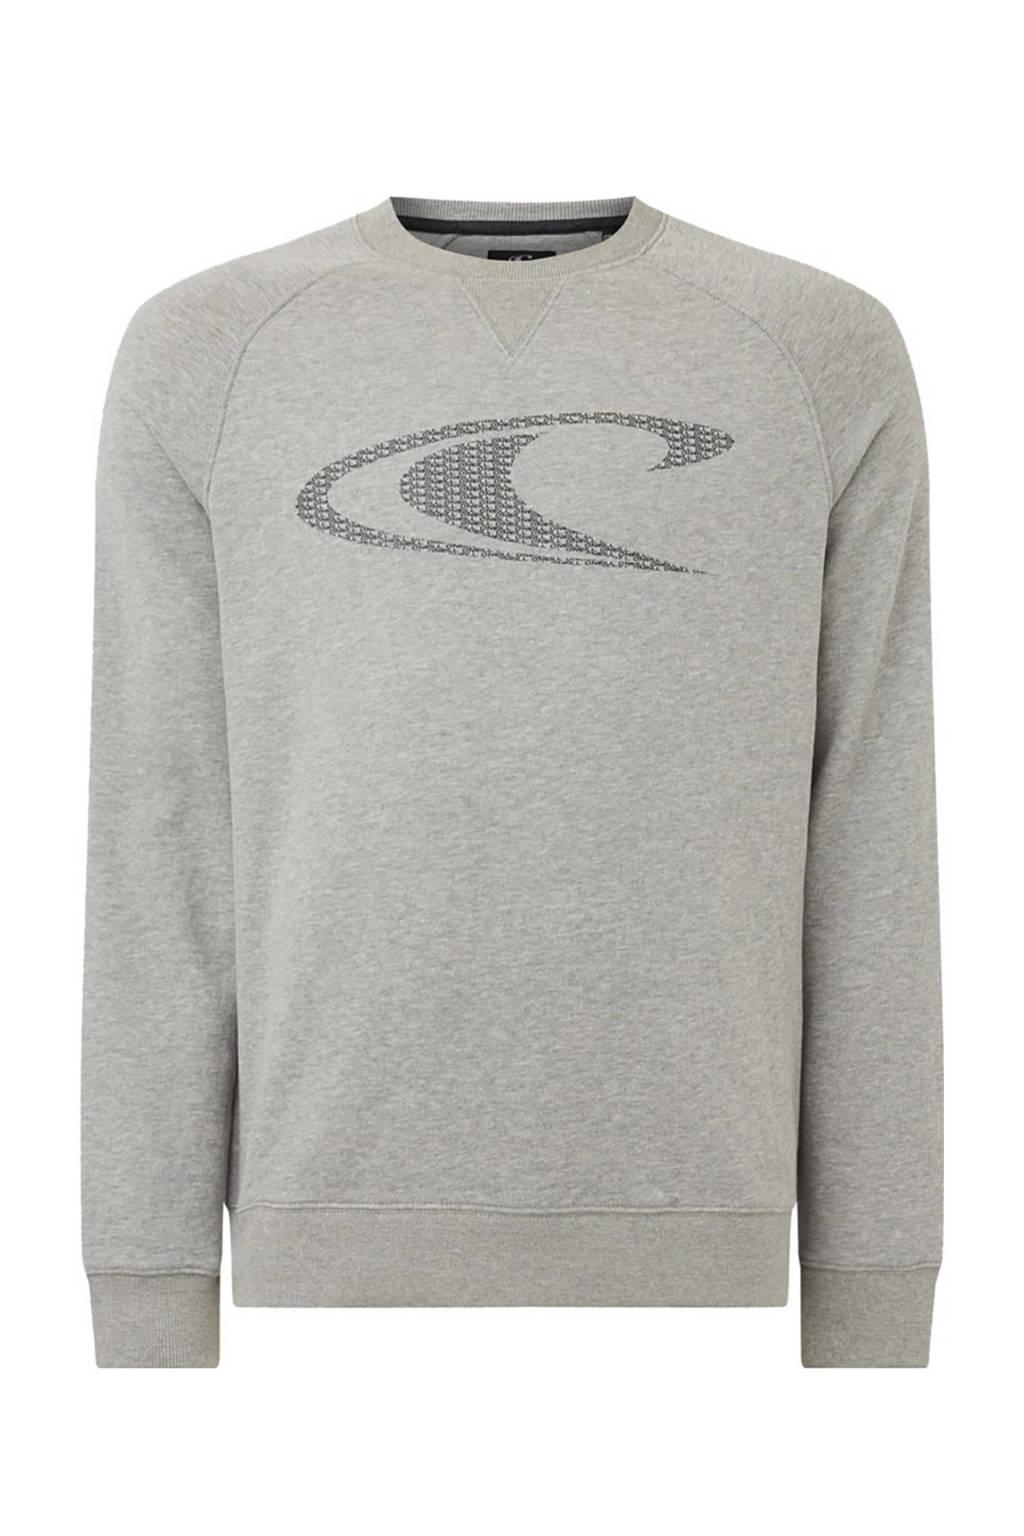 O'Neill sweater grijs, Grijs